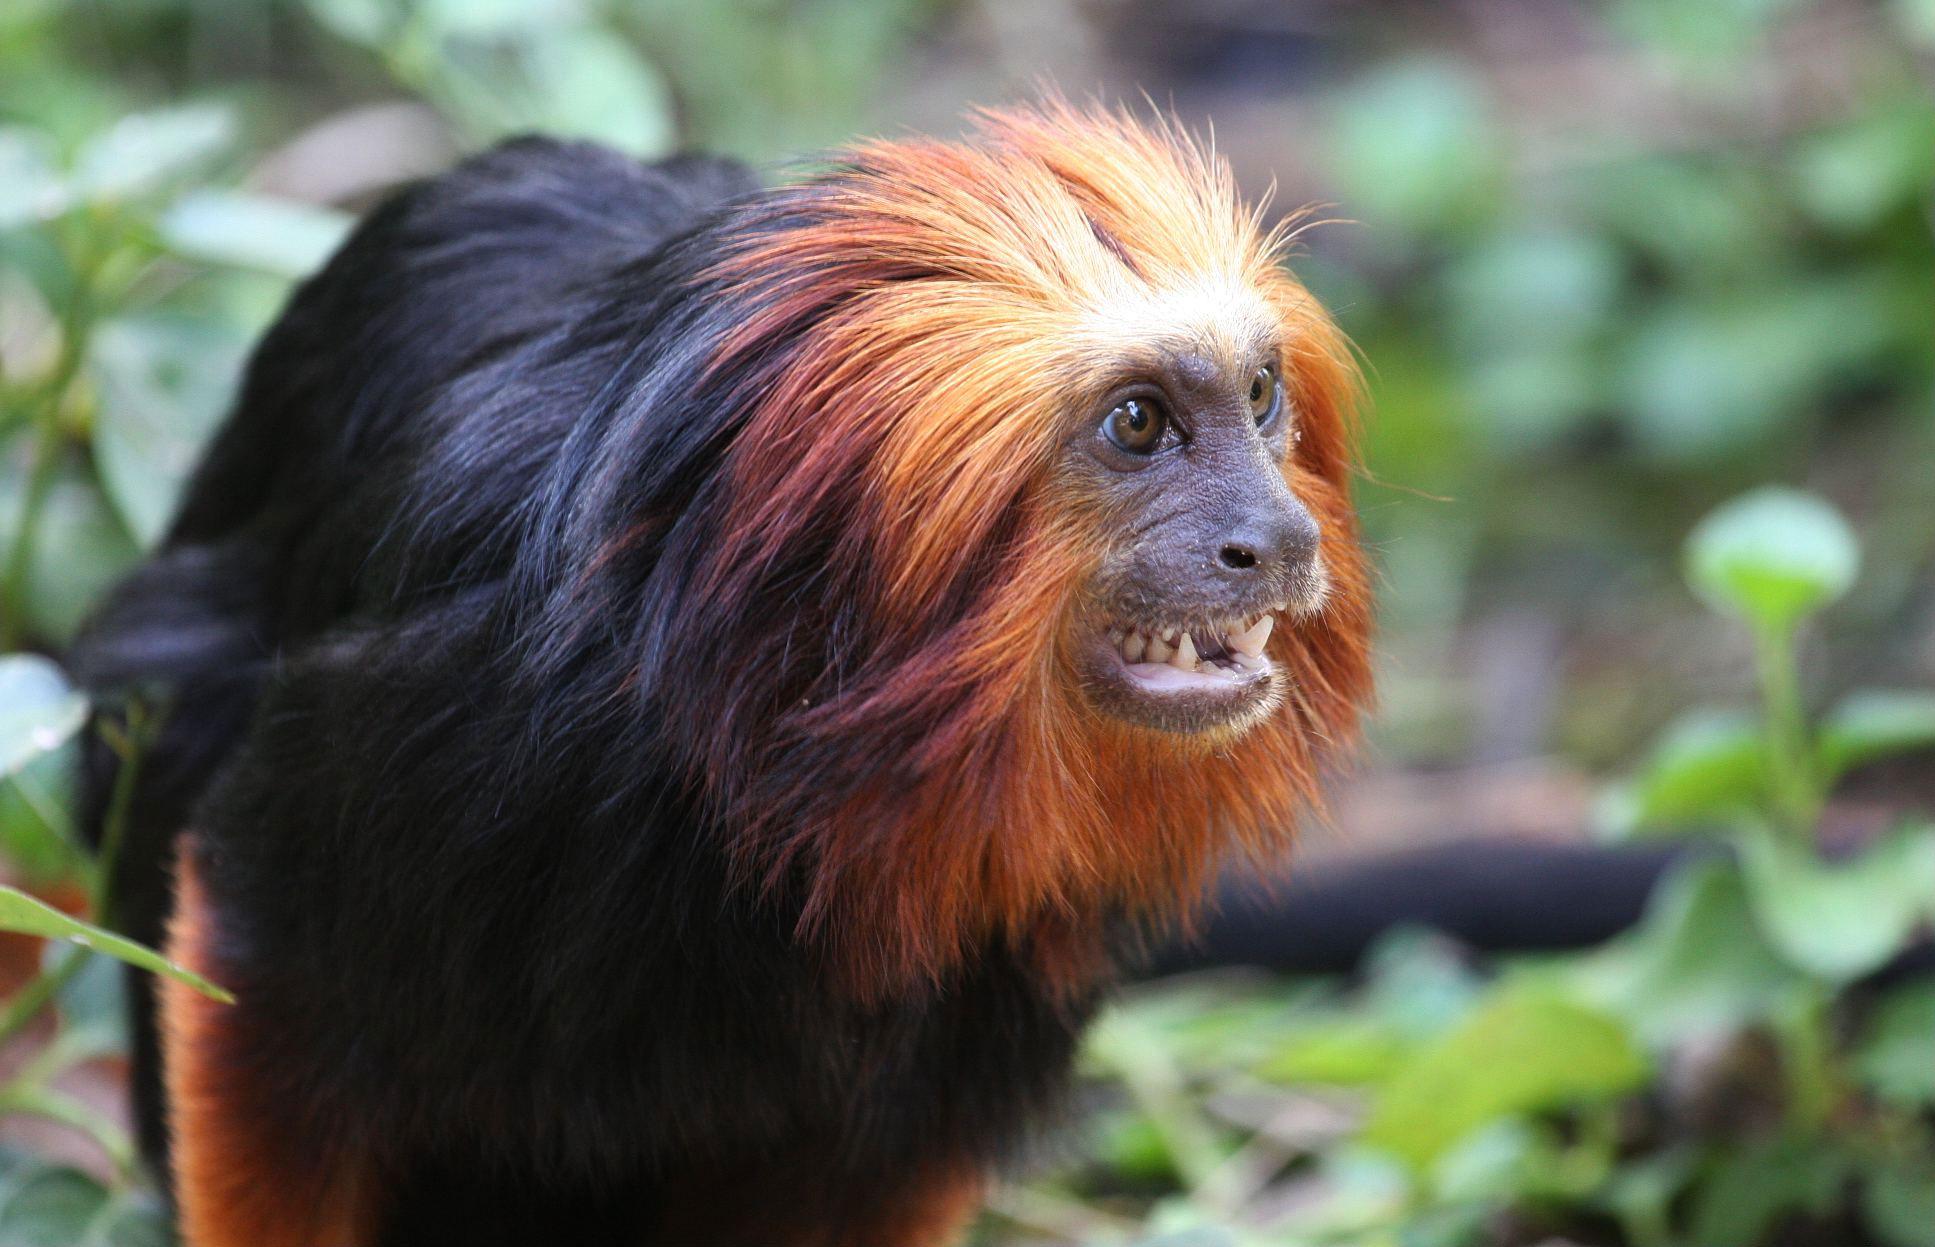 Golden-headed Lion Tamarin - Black Faced Langur Monkey , HD Wallpaper & Backgrounds